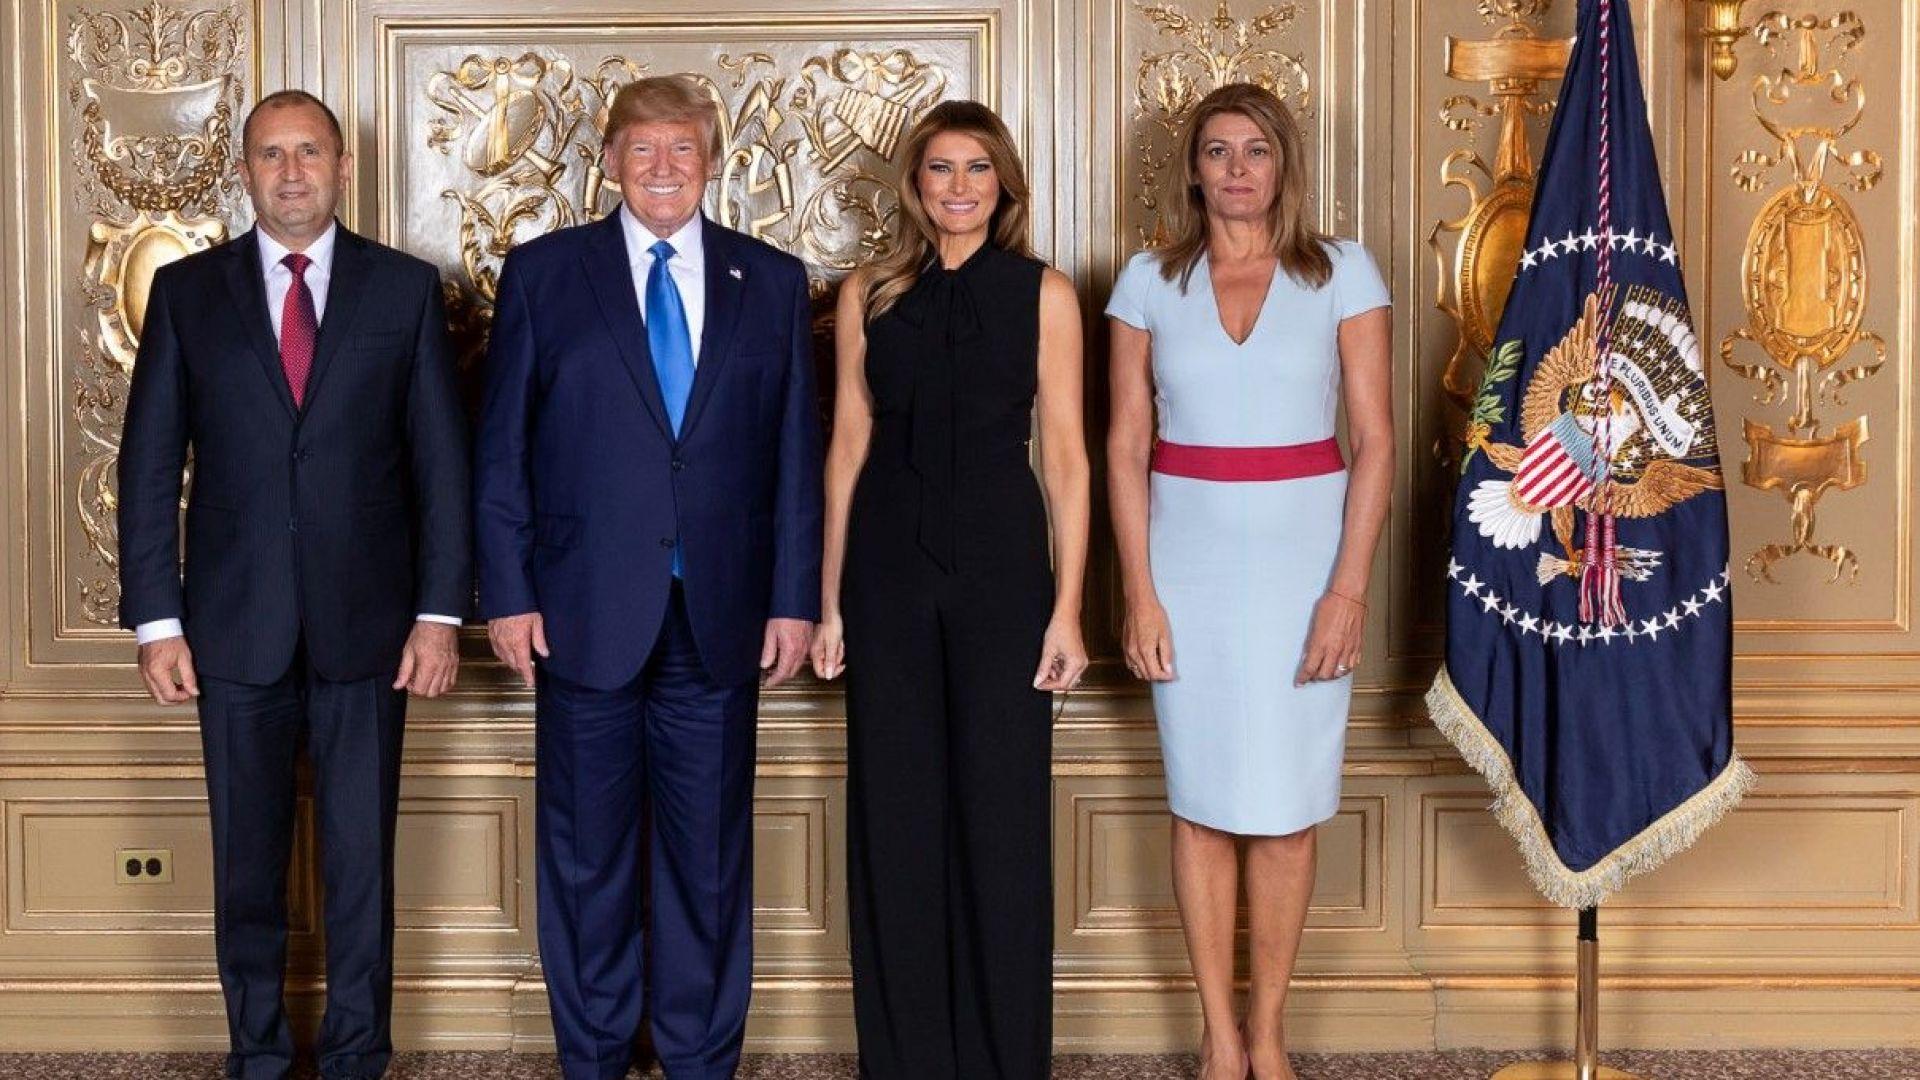 Румен Радев се снима с Доналд Тръмп на приема в Ню Йорк